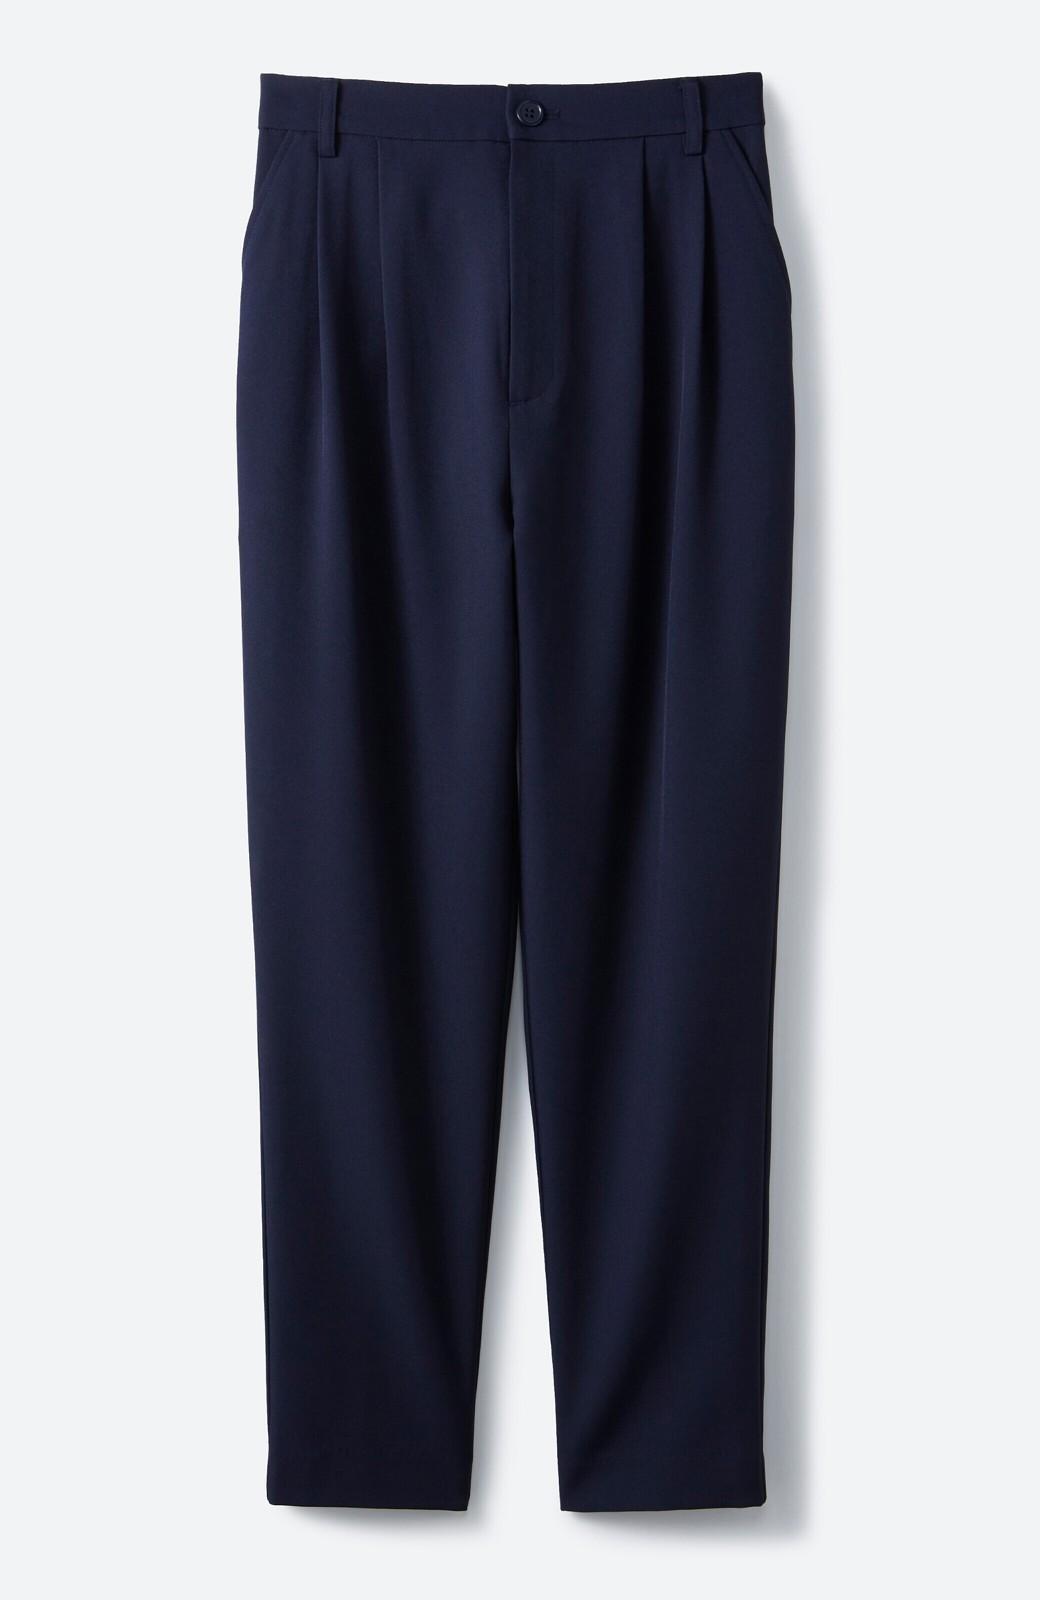 haco! 持っていると便利な野暮ったくならないフォーマルジャケット・パンツ・スカートの3点セット <ダークネイビー>の商品写真4